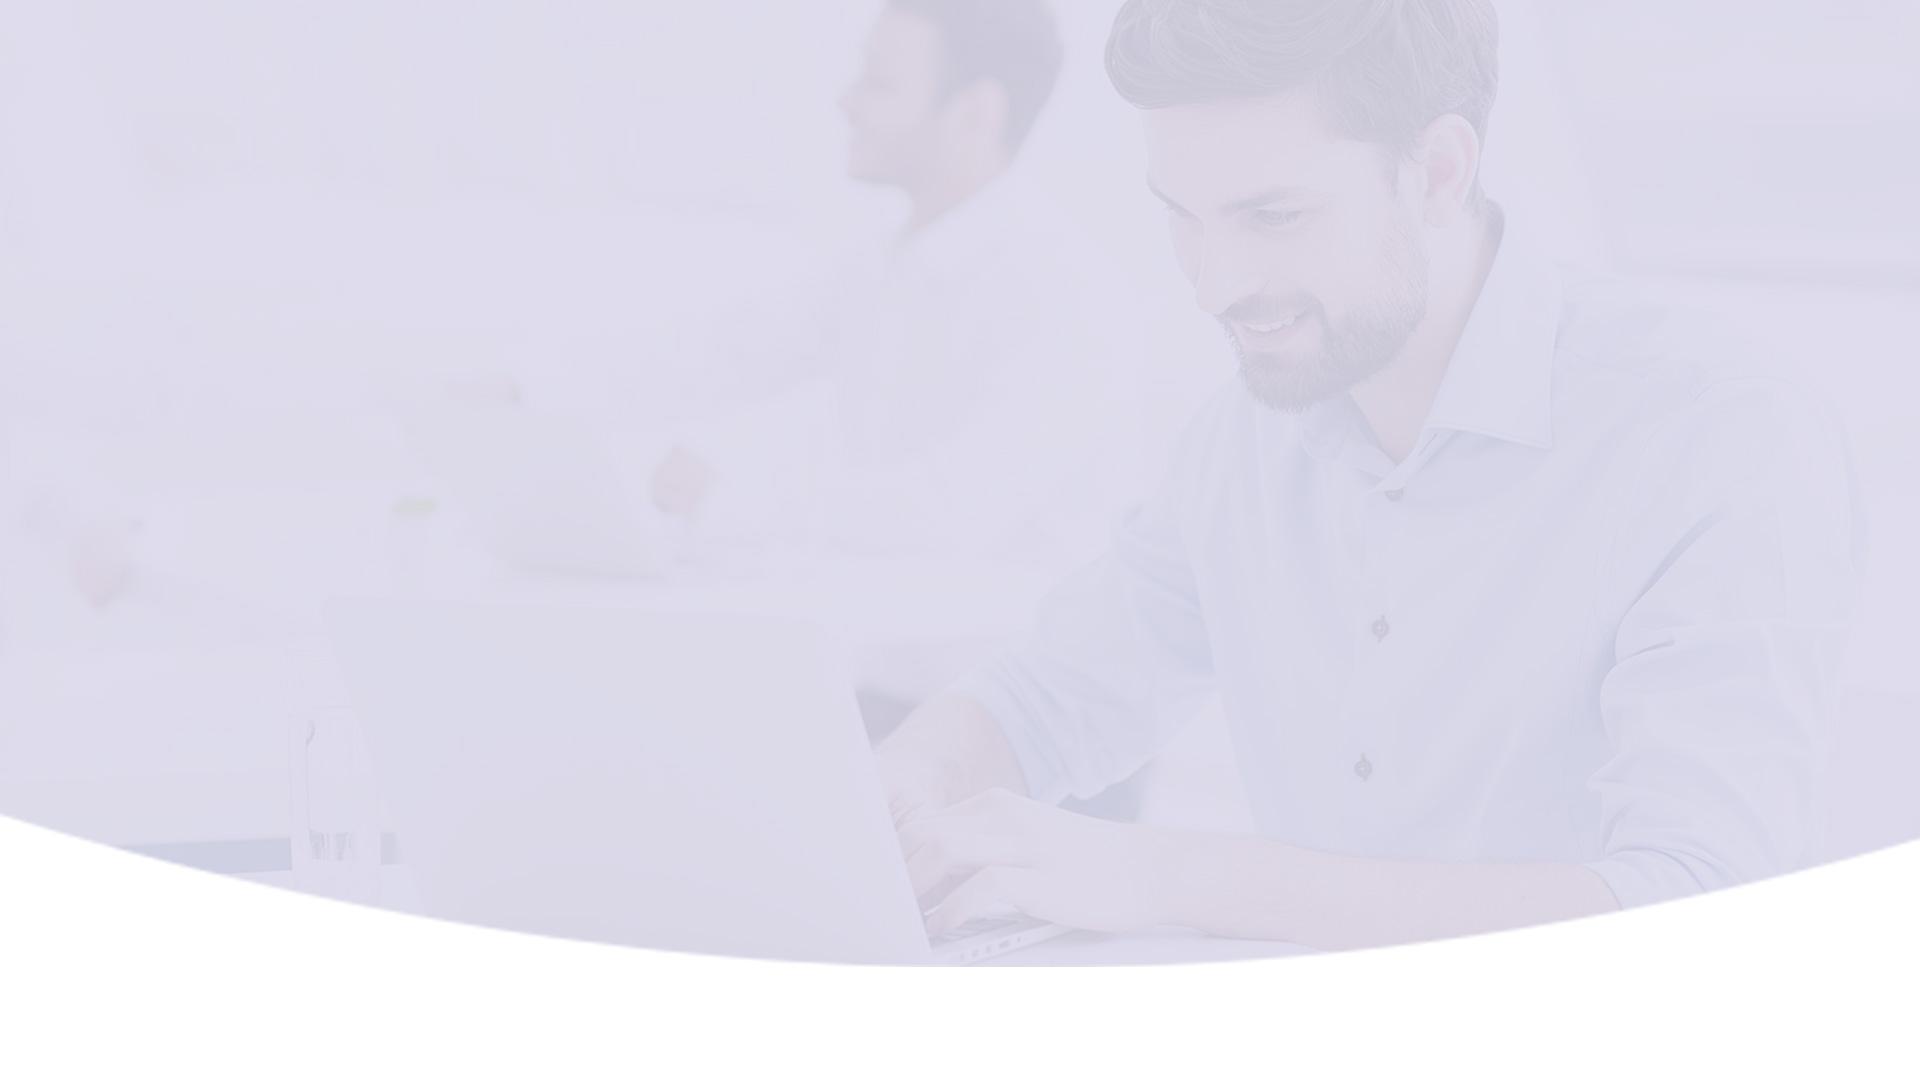 اسلاید سامانه مدیریت تامین کنندگان